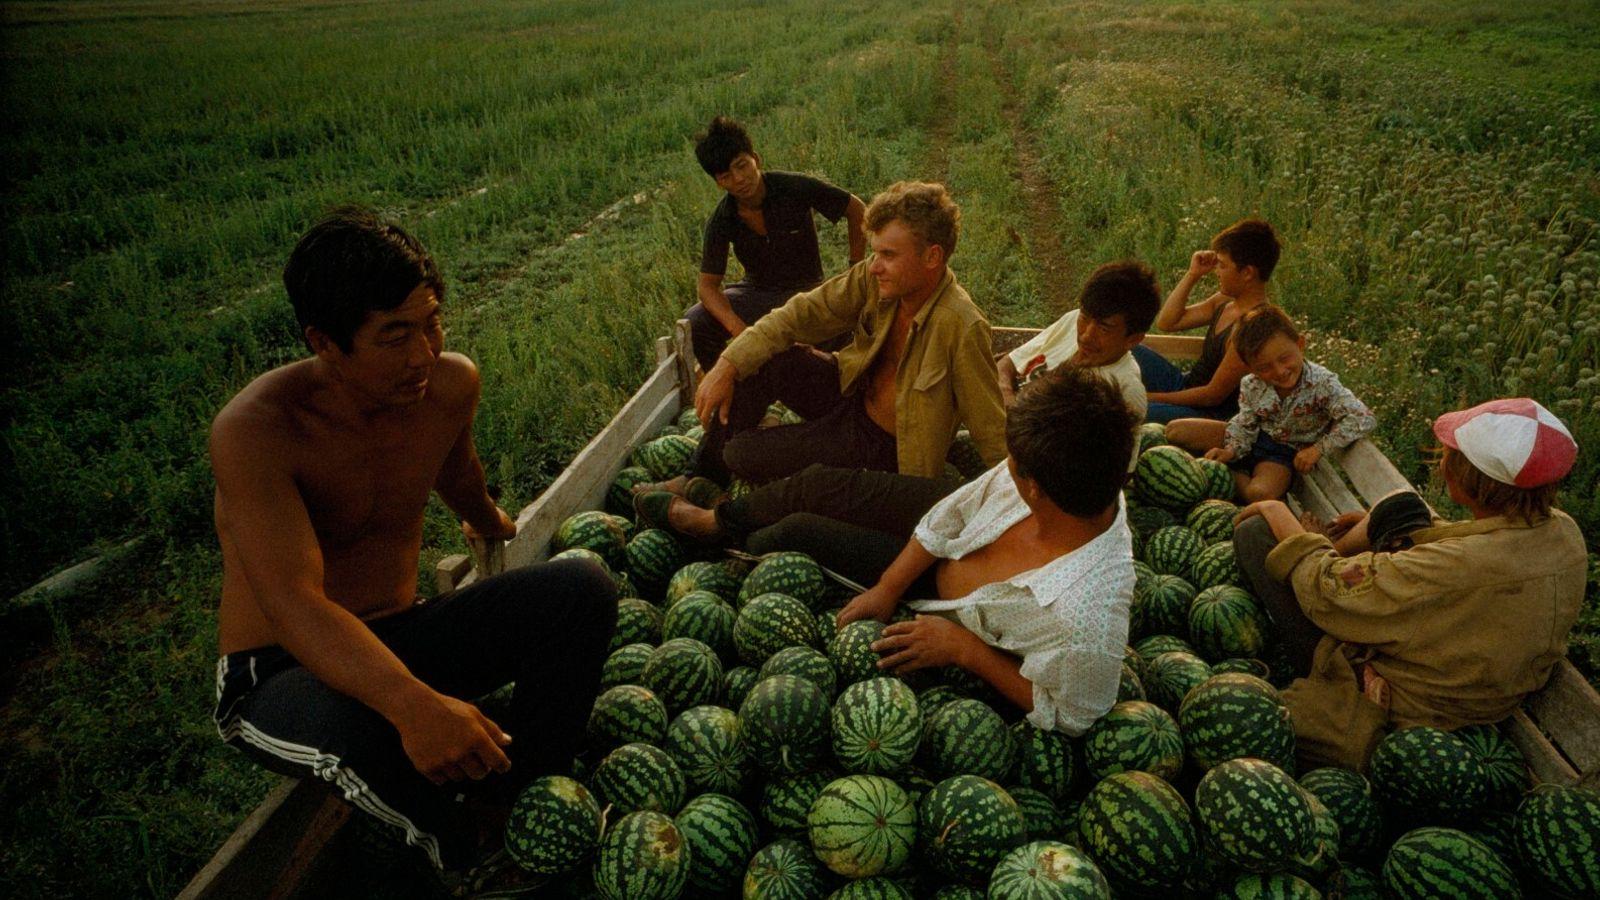 Agricultores de melancia